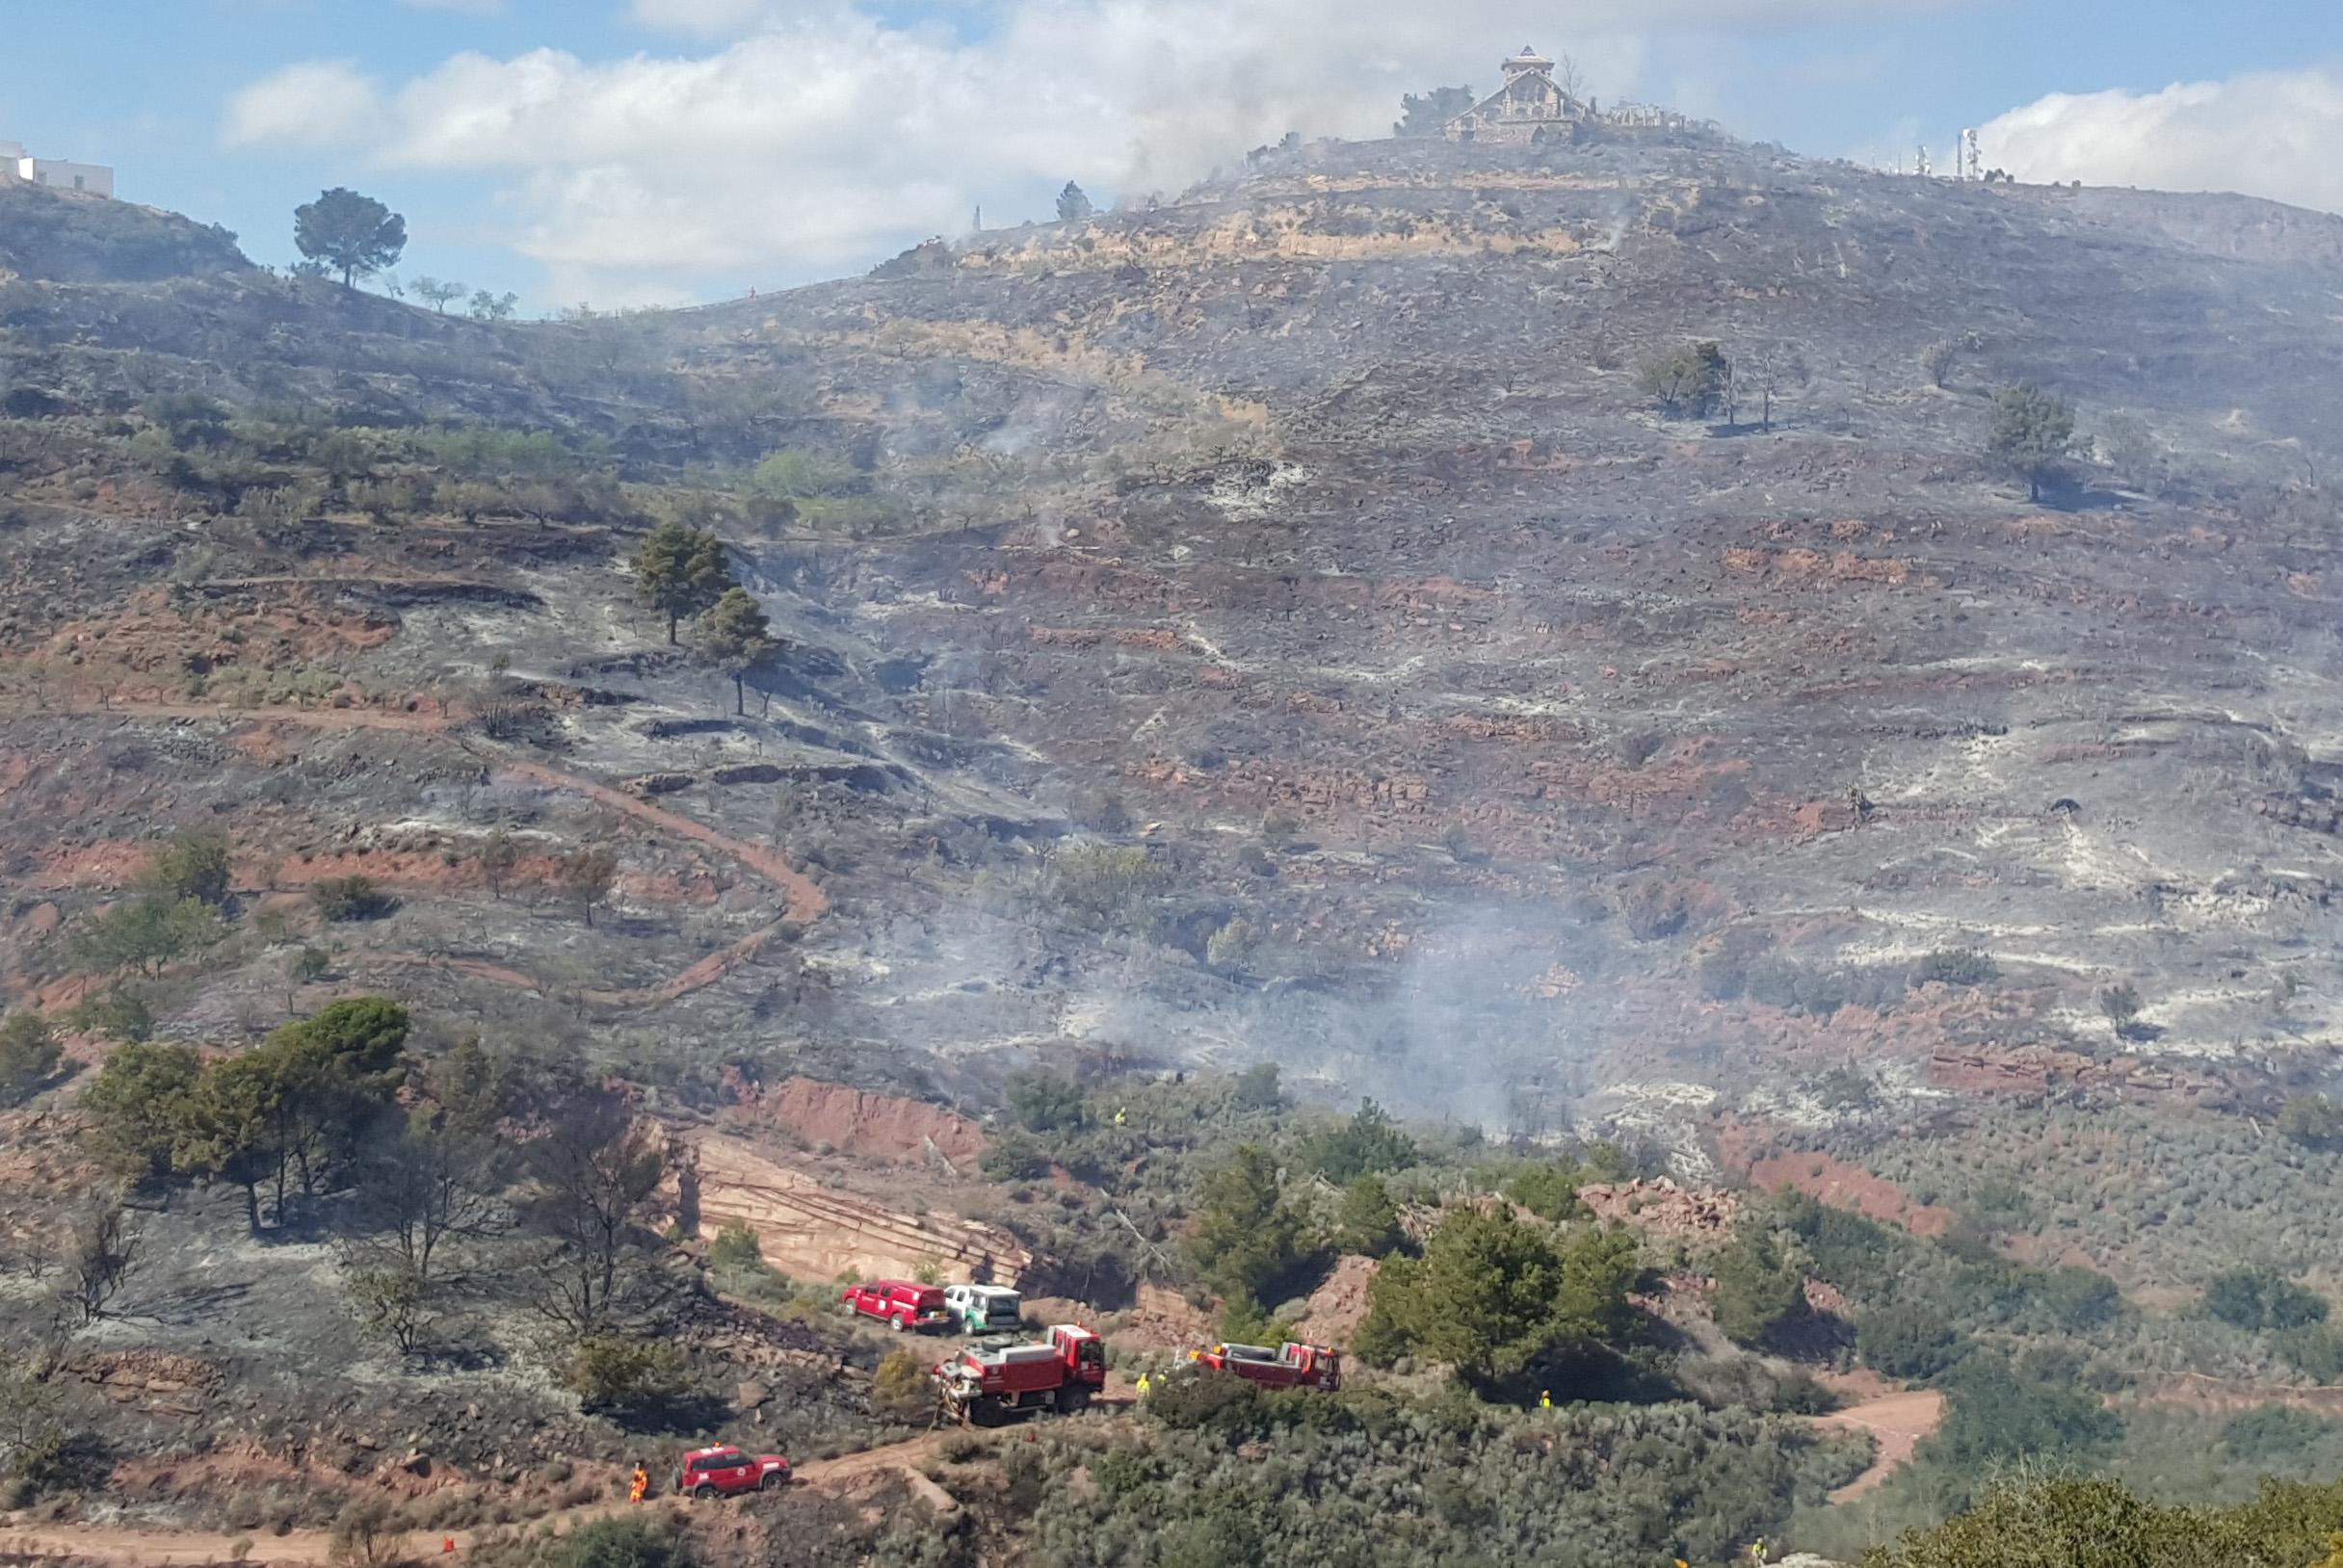 Una imagen del incendio de la Calderona que se ha iniciado este miércoles por la noche.